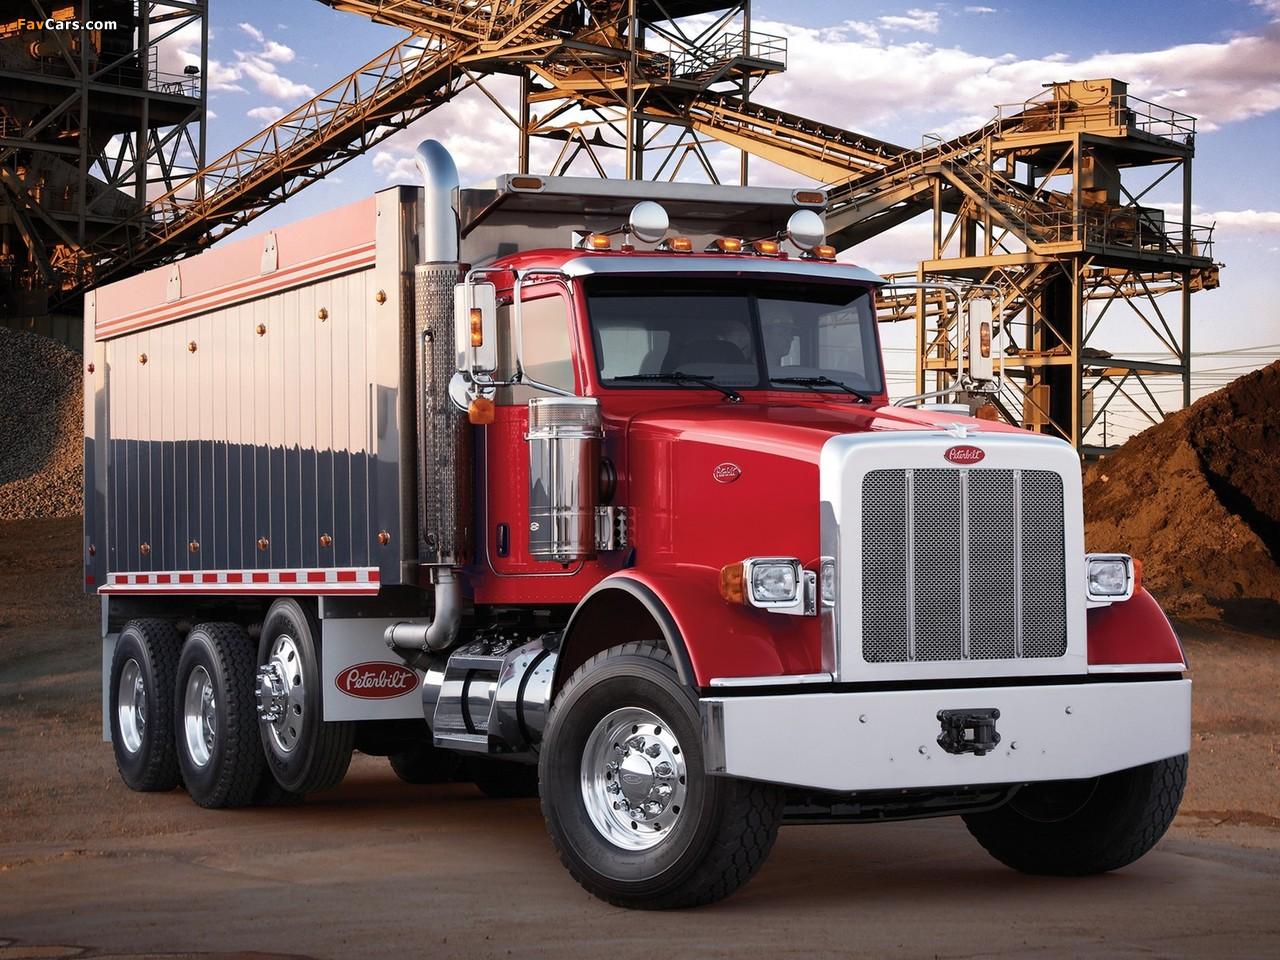 Peterbilt 367 Dump Truck 2007 photos (1280 x 960)